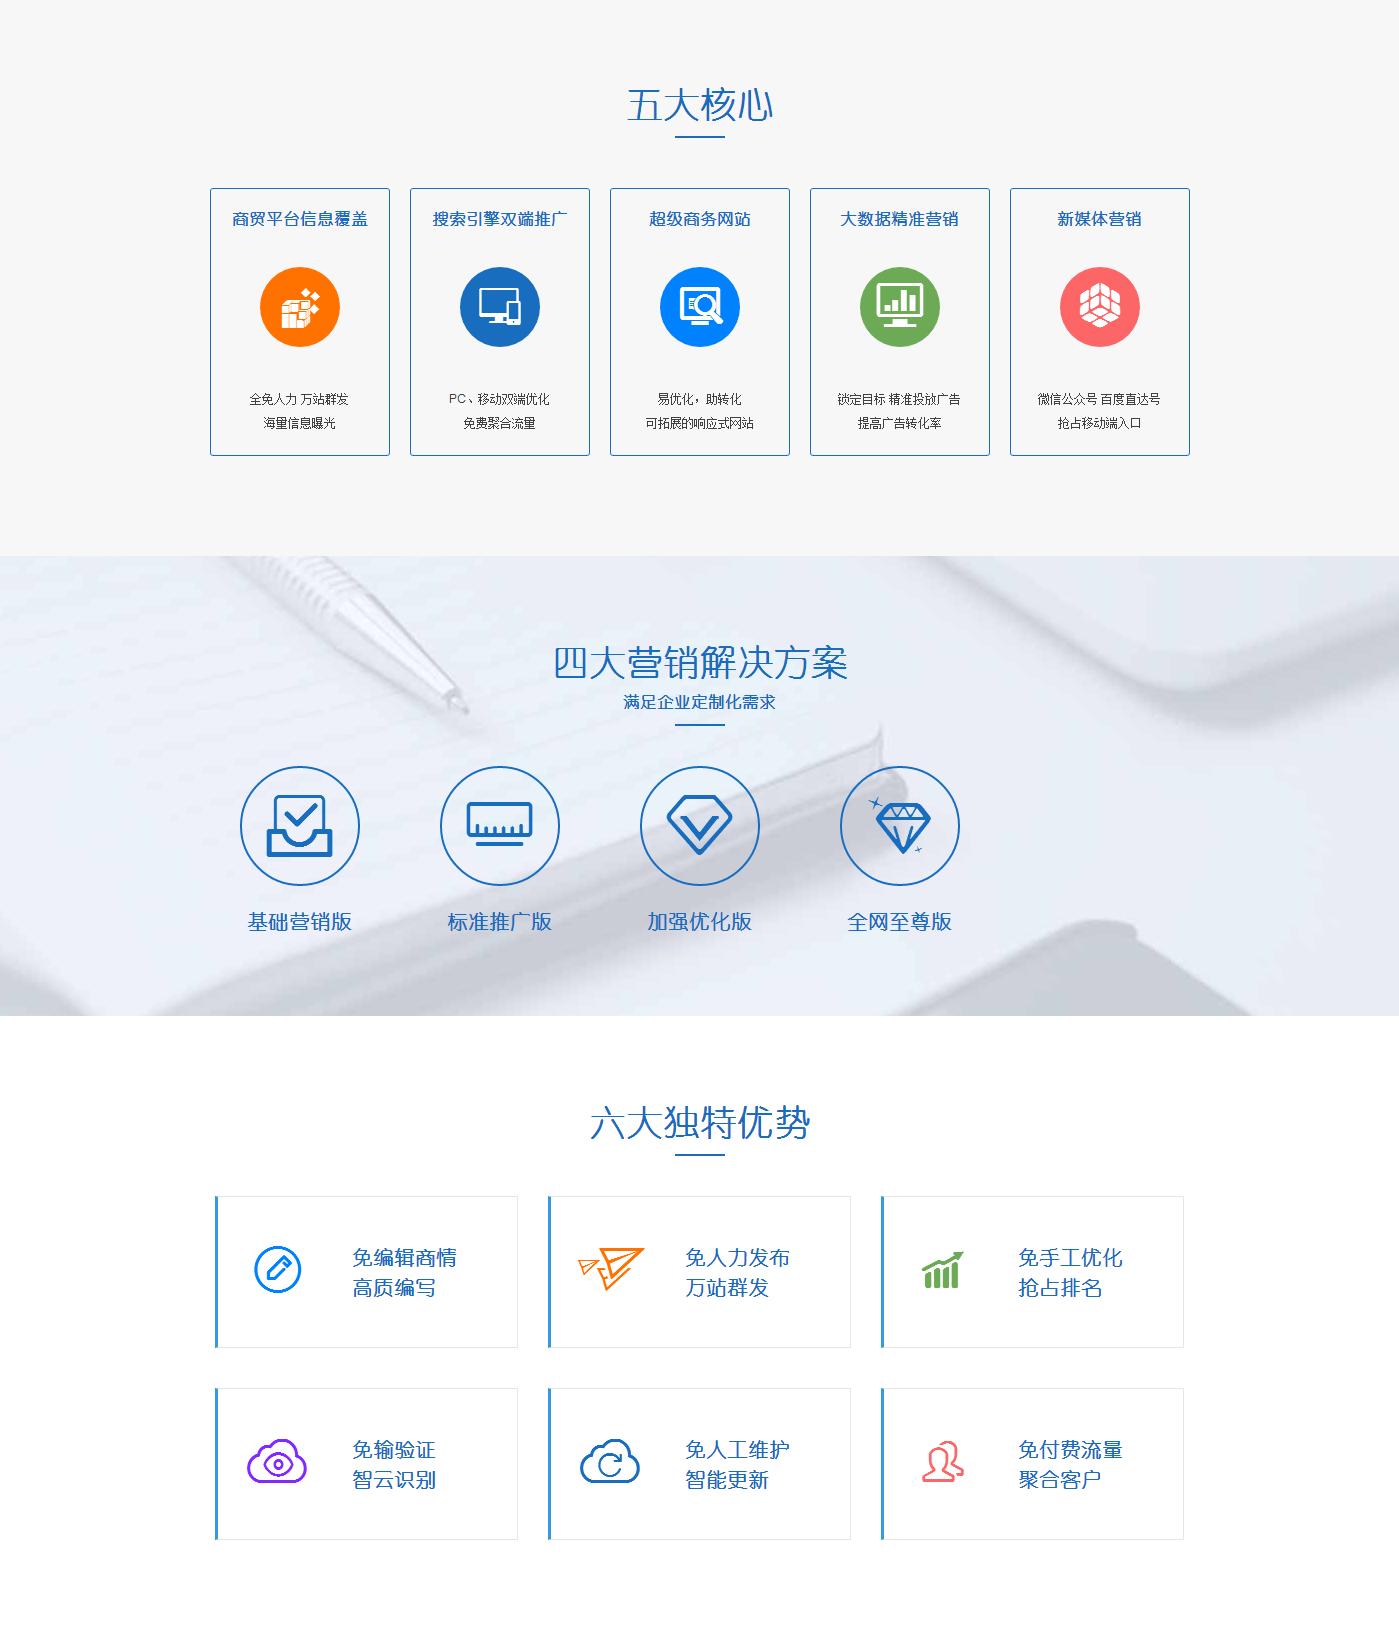 企业网络推广 B2B信息发布 全自动整合营销工具软件-258商务卫士.png